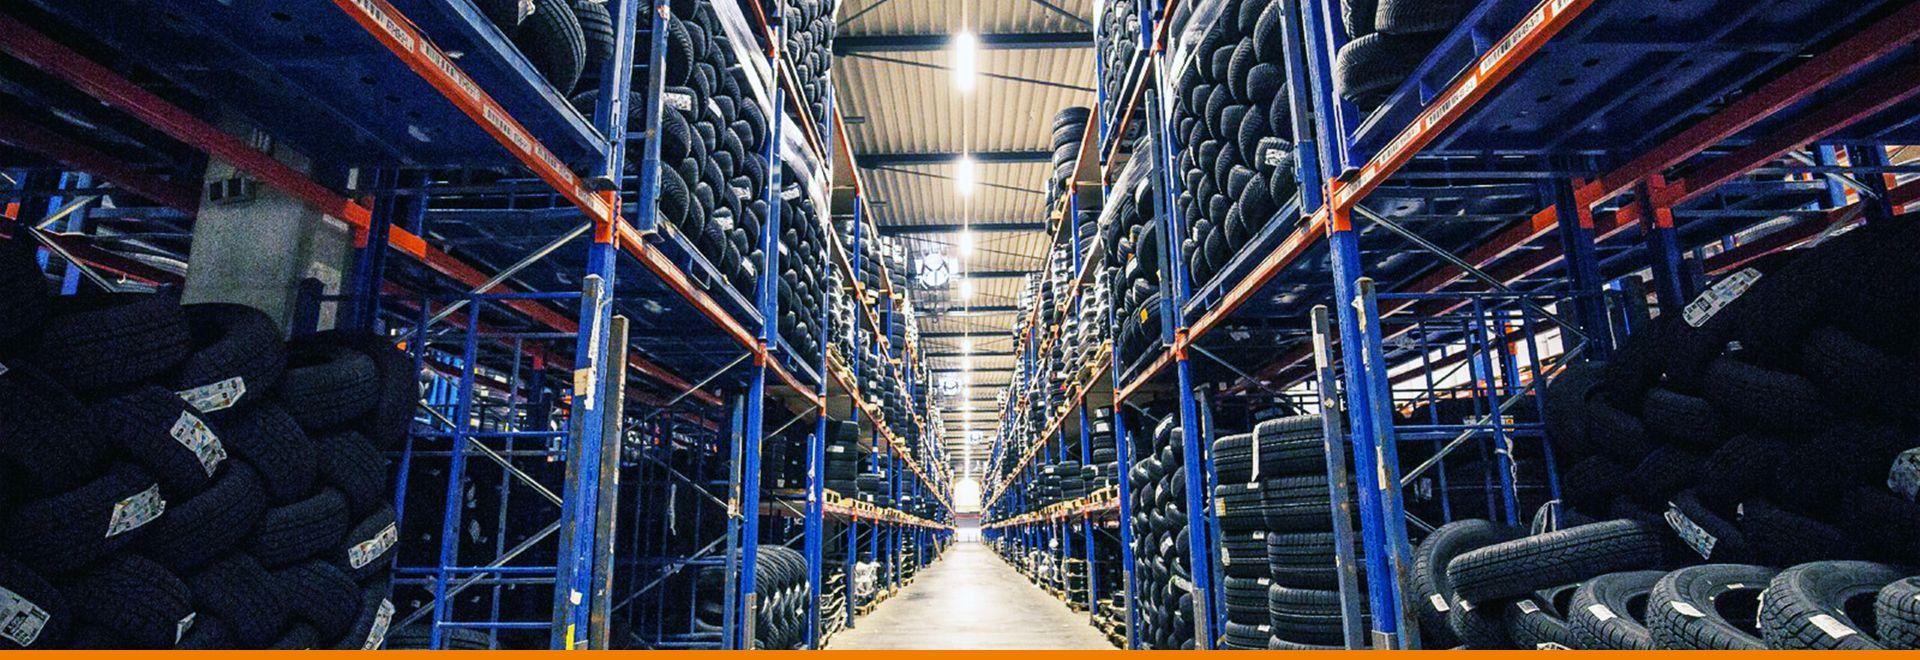 IHLE Reifengroßhandel Lager mit Mitarbeiter